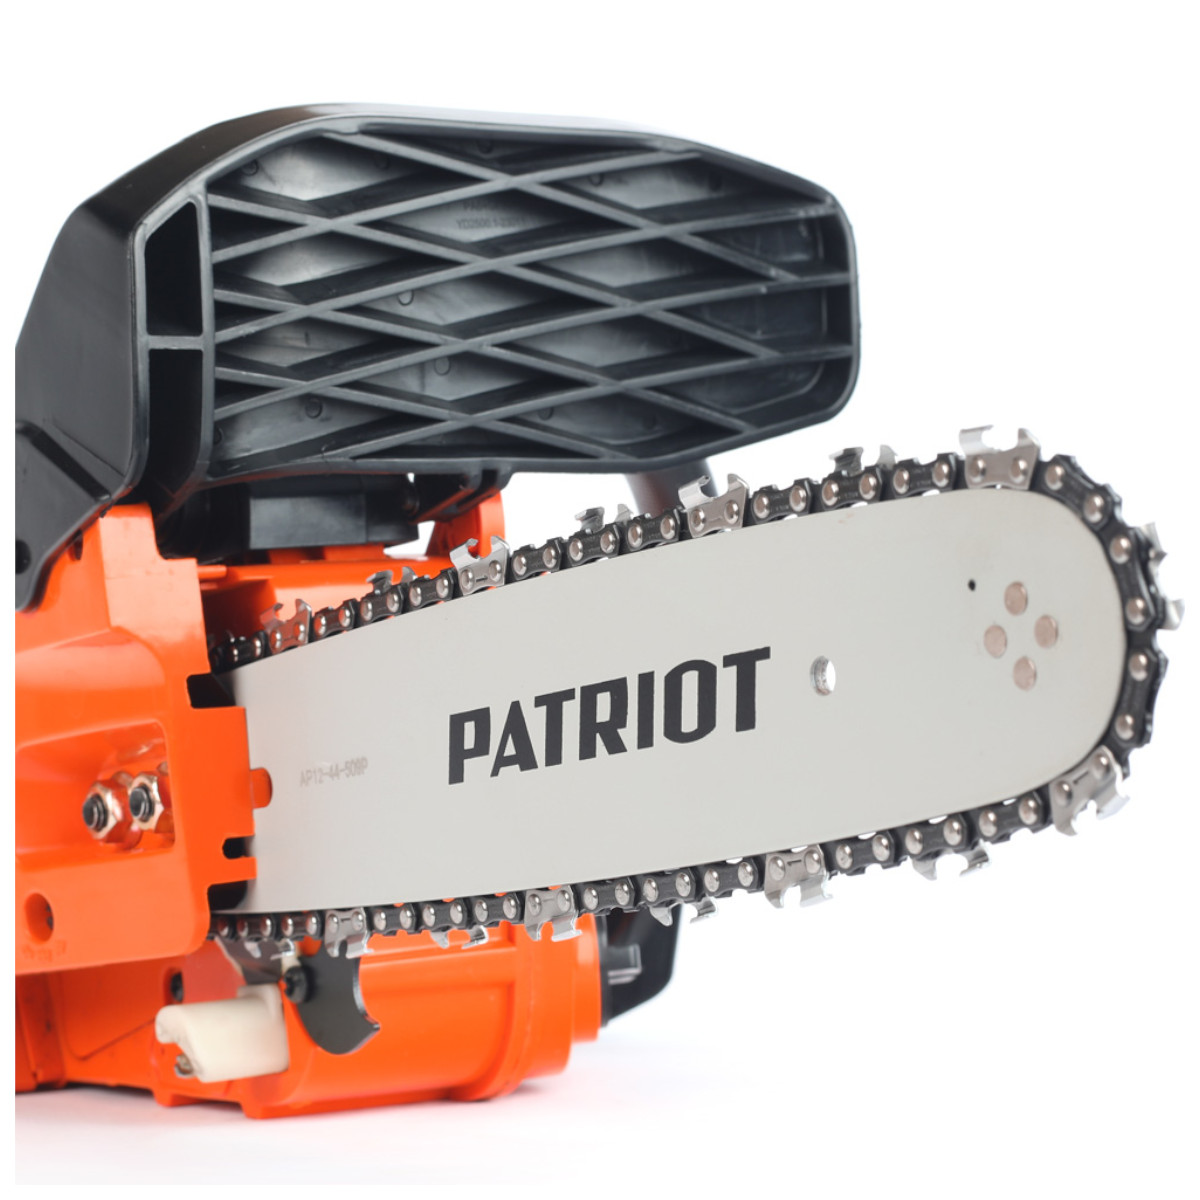 Бензопила патриот 4518: обзор, отзывы, инструкция, характеристики